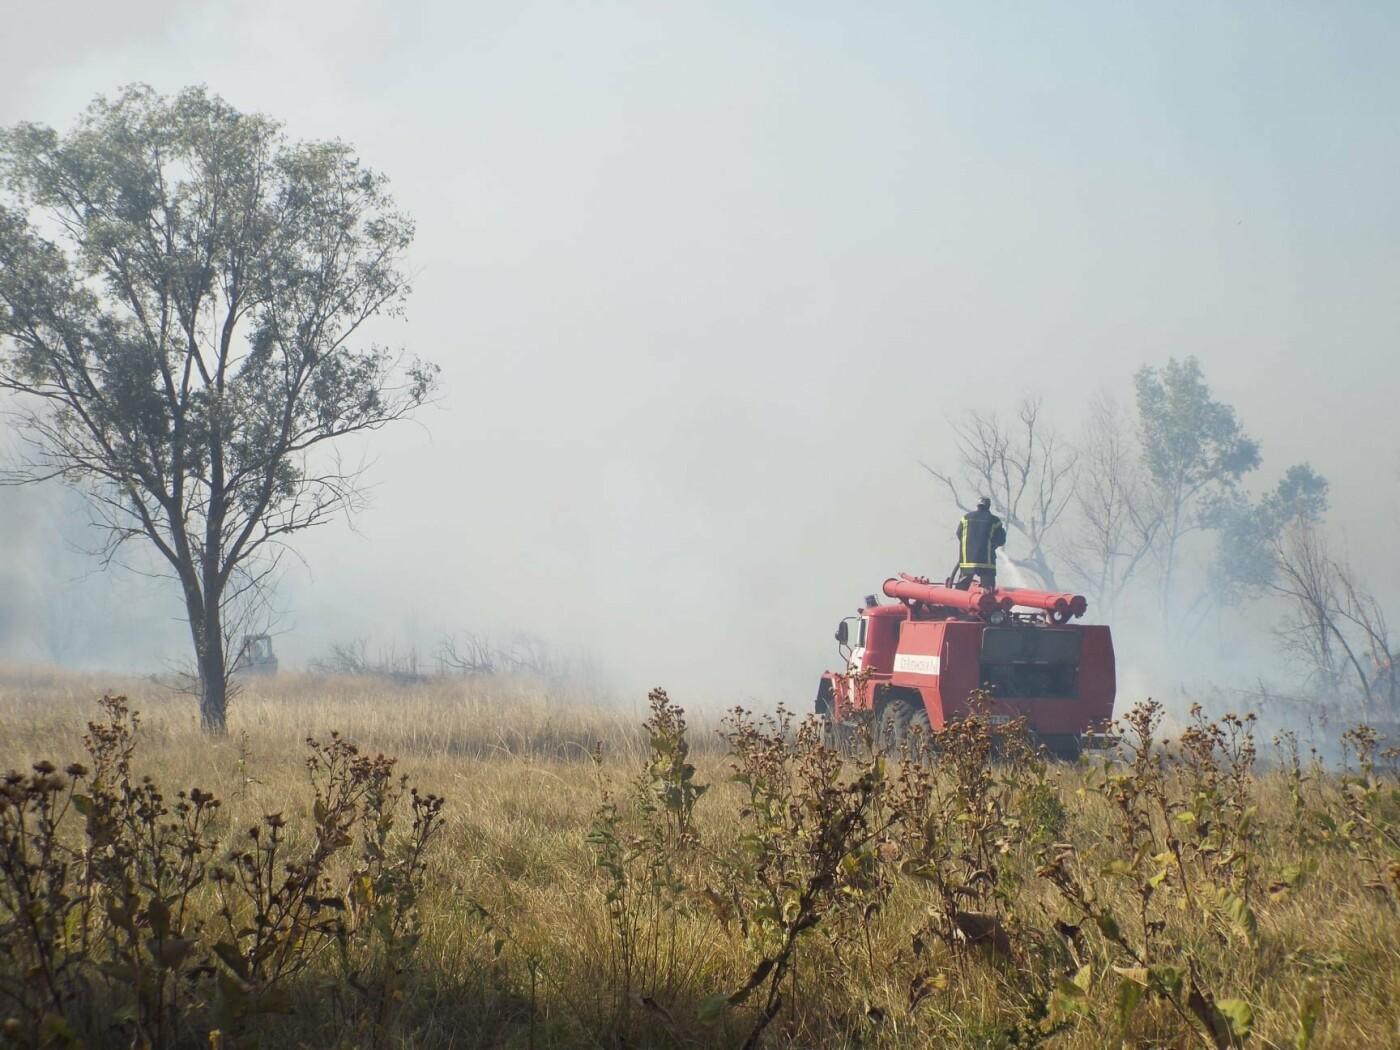 Пожары продолжаются: на Луганщине фиксируют новые очаги возгорания, фото-1